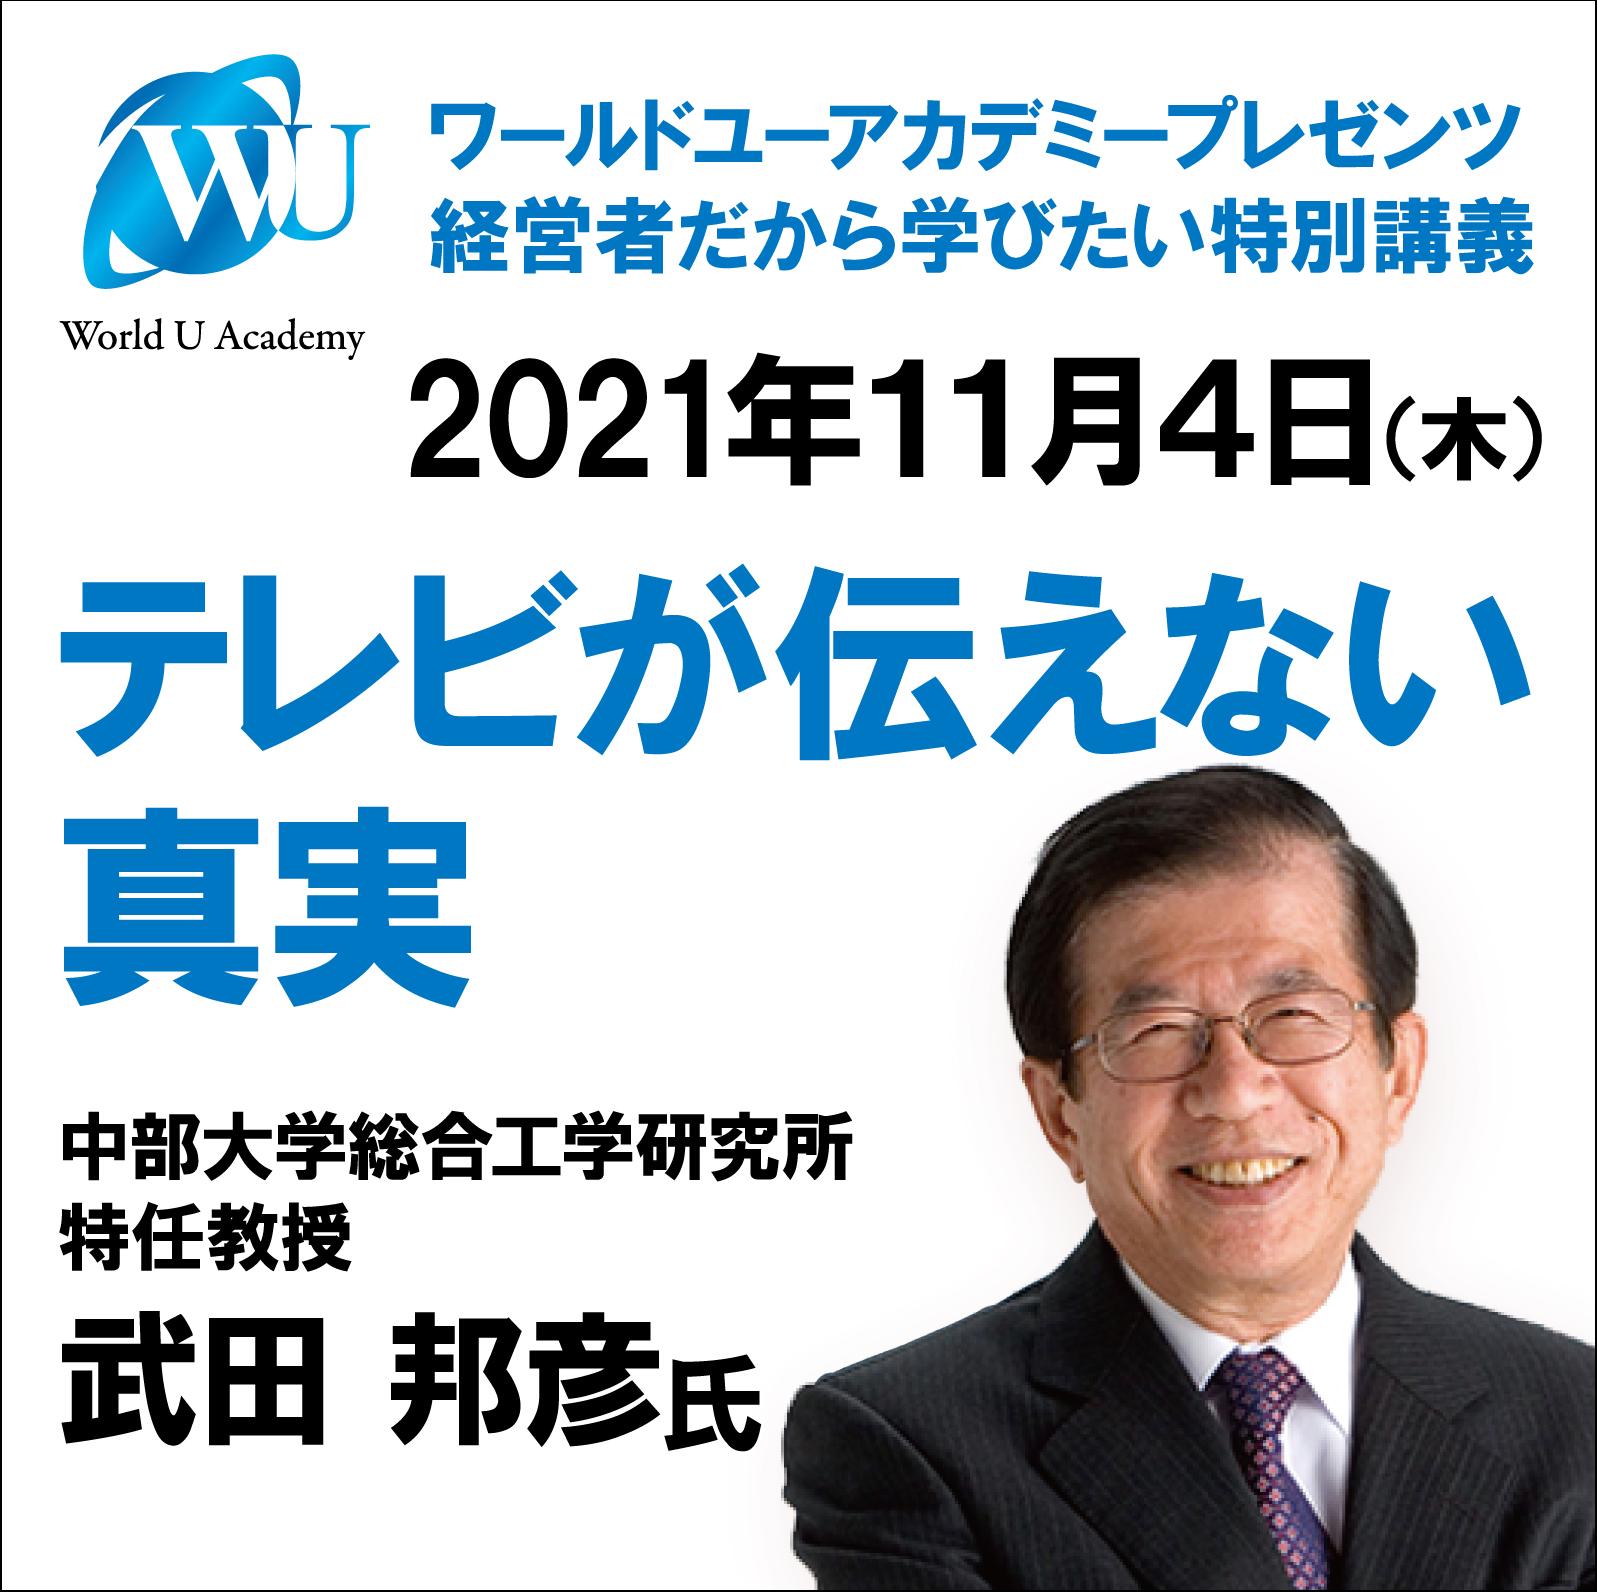 2021年11月4日 World U Academy プレゼンツ 経営者だから学びたい特別講義<br>武田邦彦氏